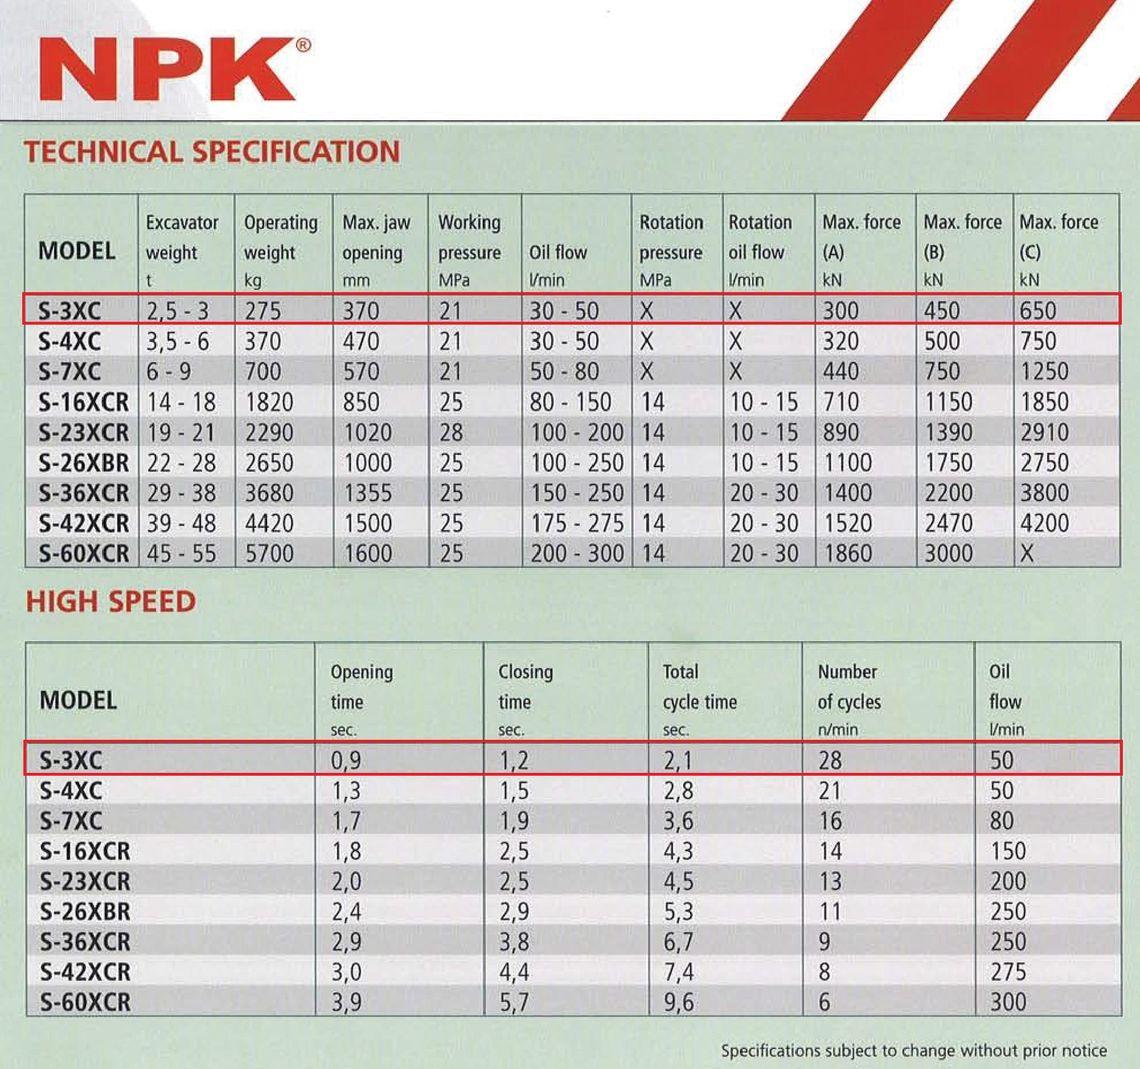 NPK S-3XC